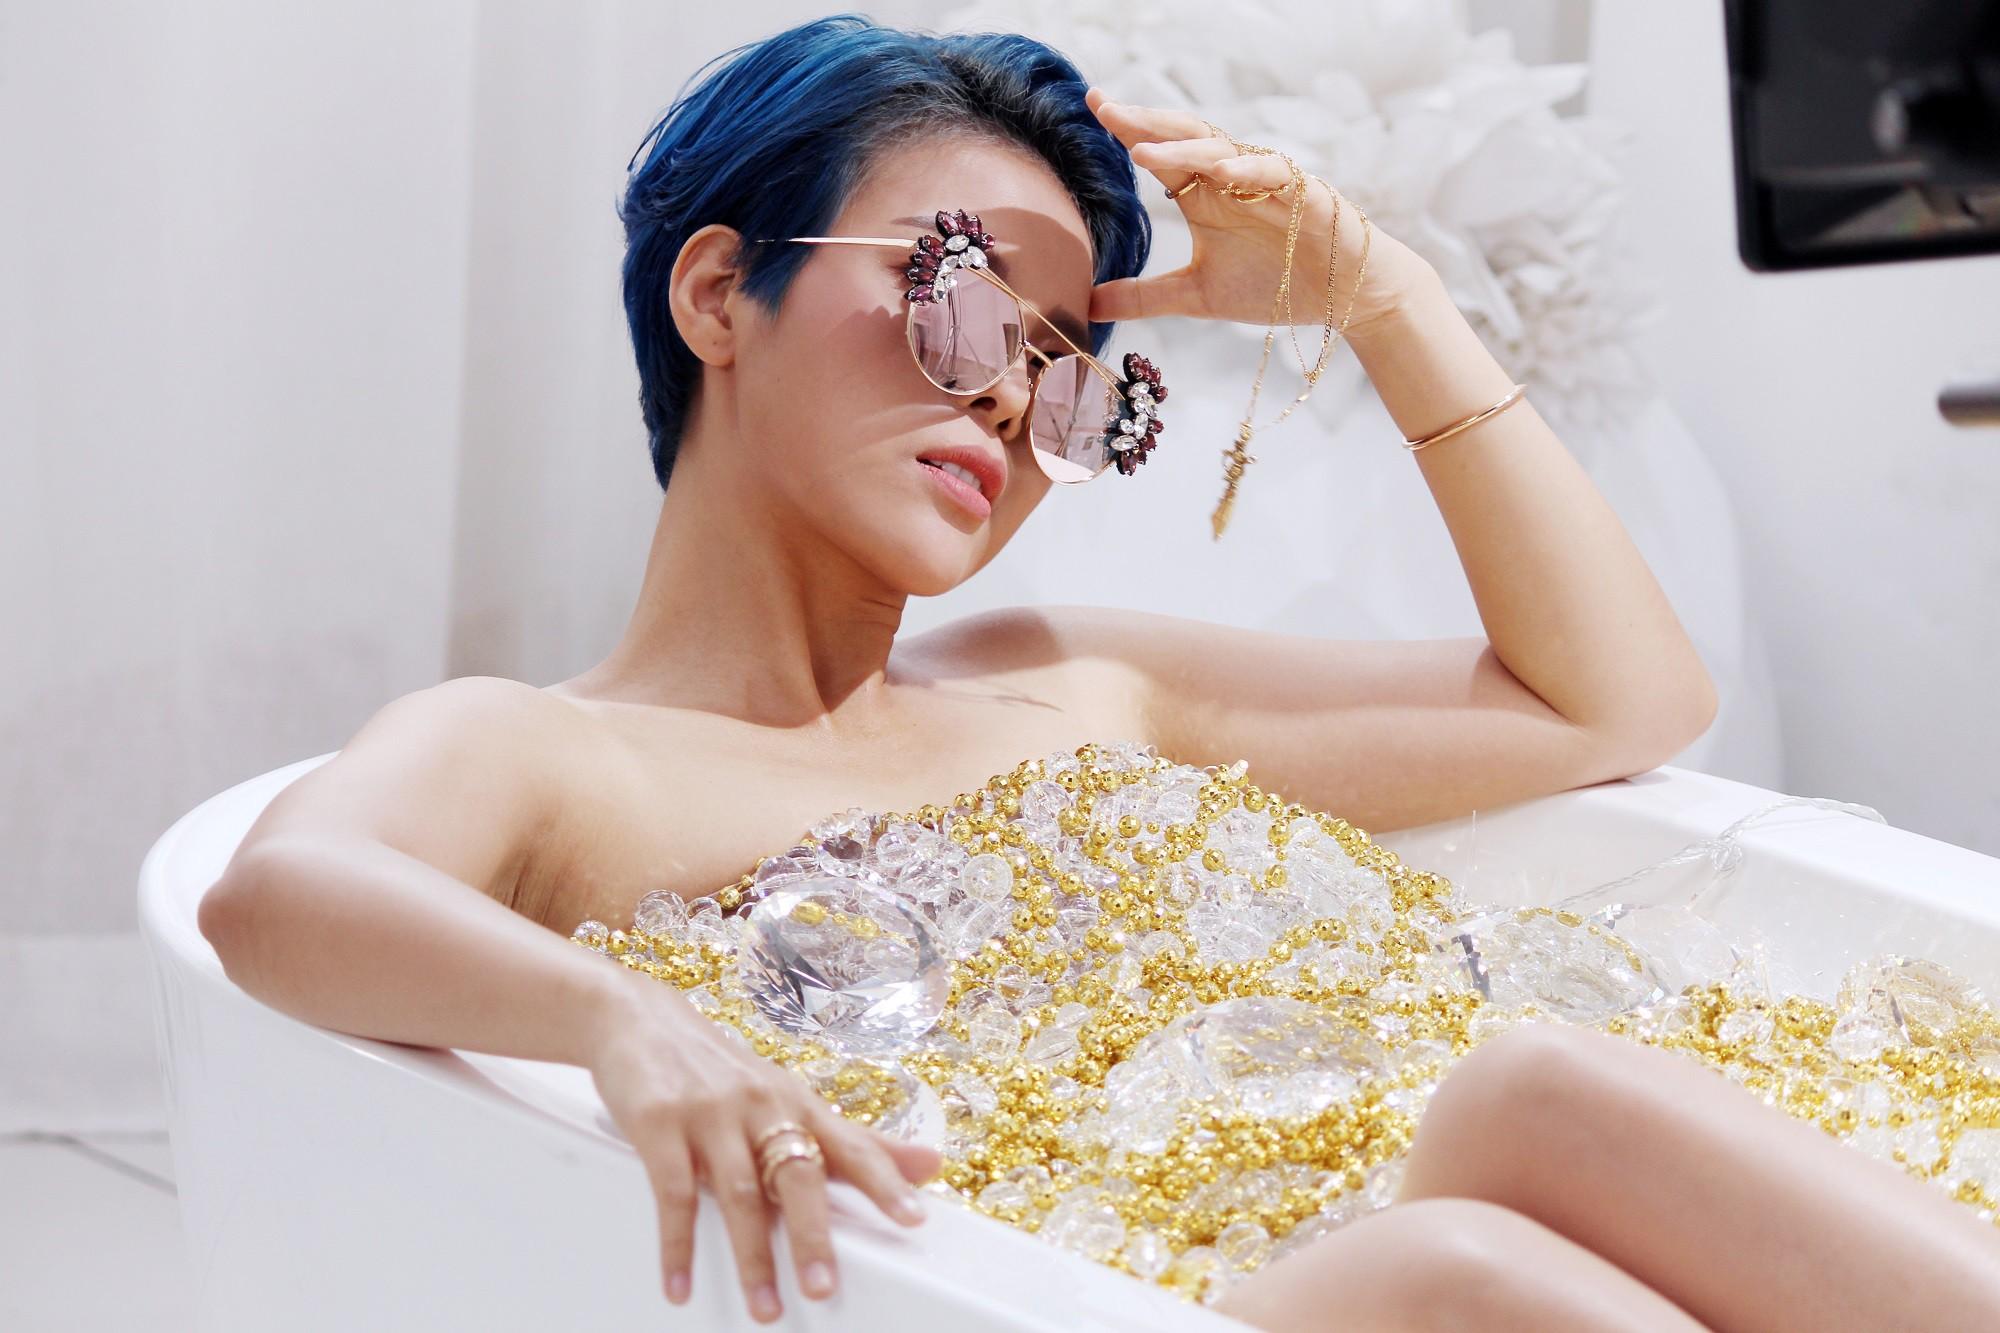 Hình ảnh Vũ Cát Tường bán nude nằm trong bồn tắm đầy đá quý sao chép ý tưởng MV đình đám của Taylor Swift - Ảnh 2.